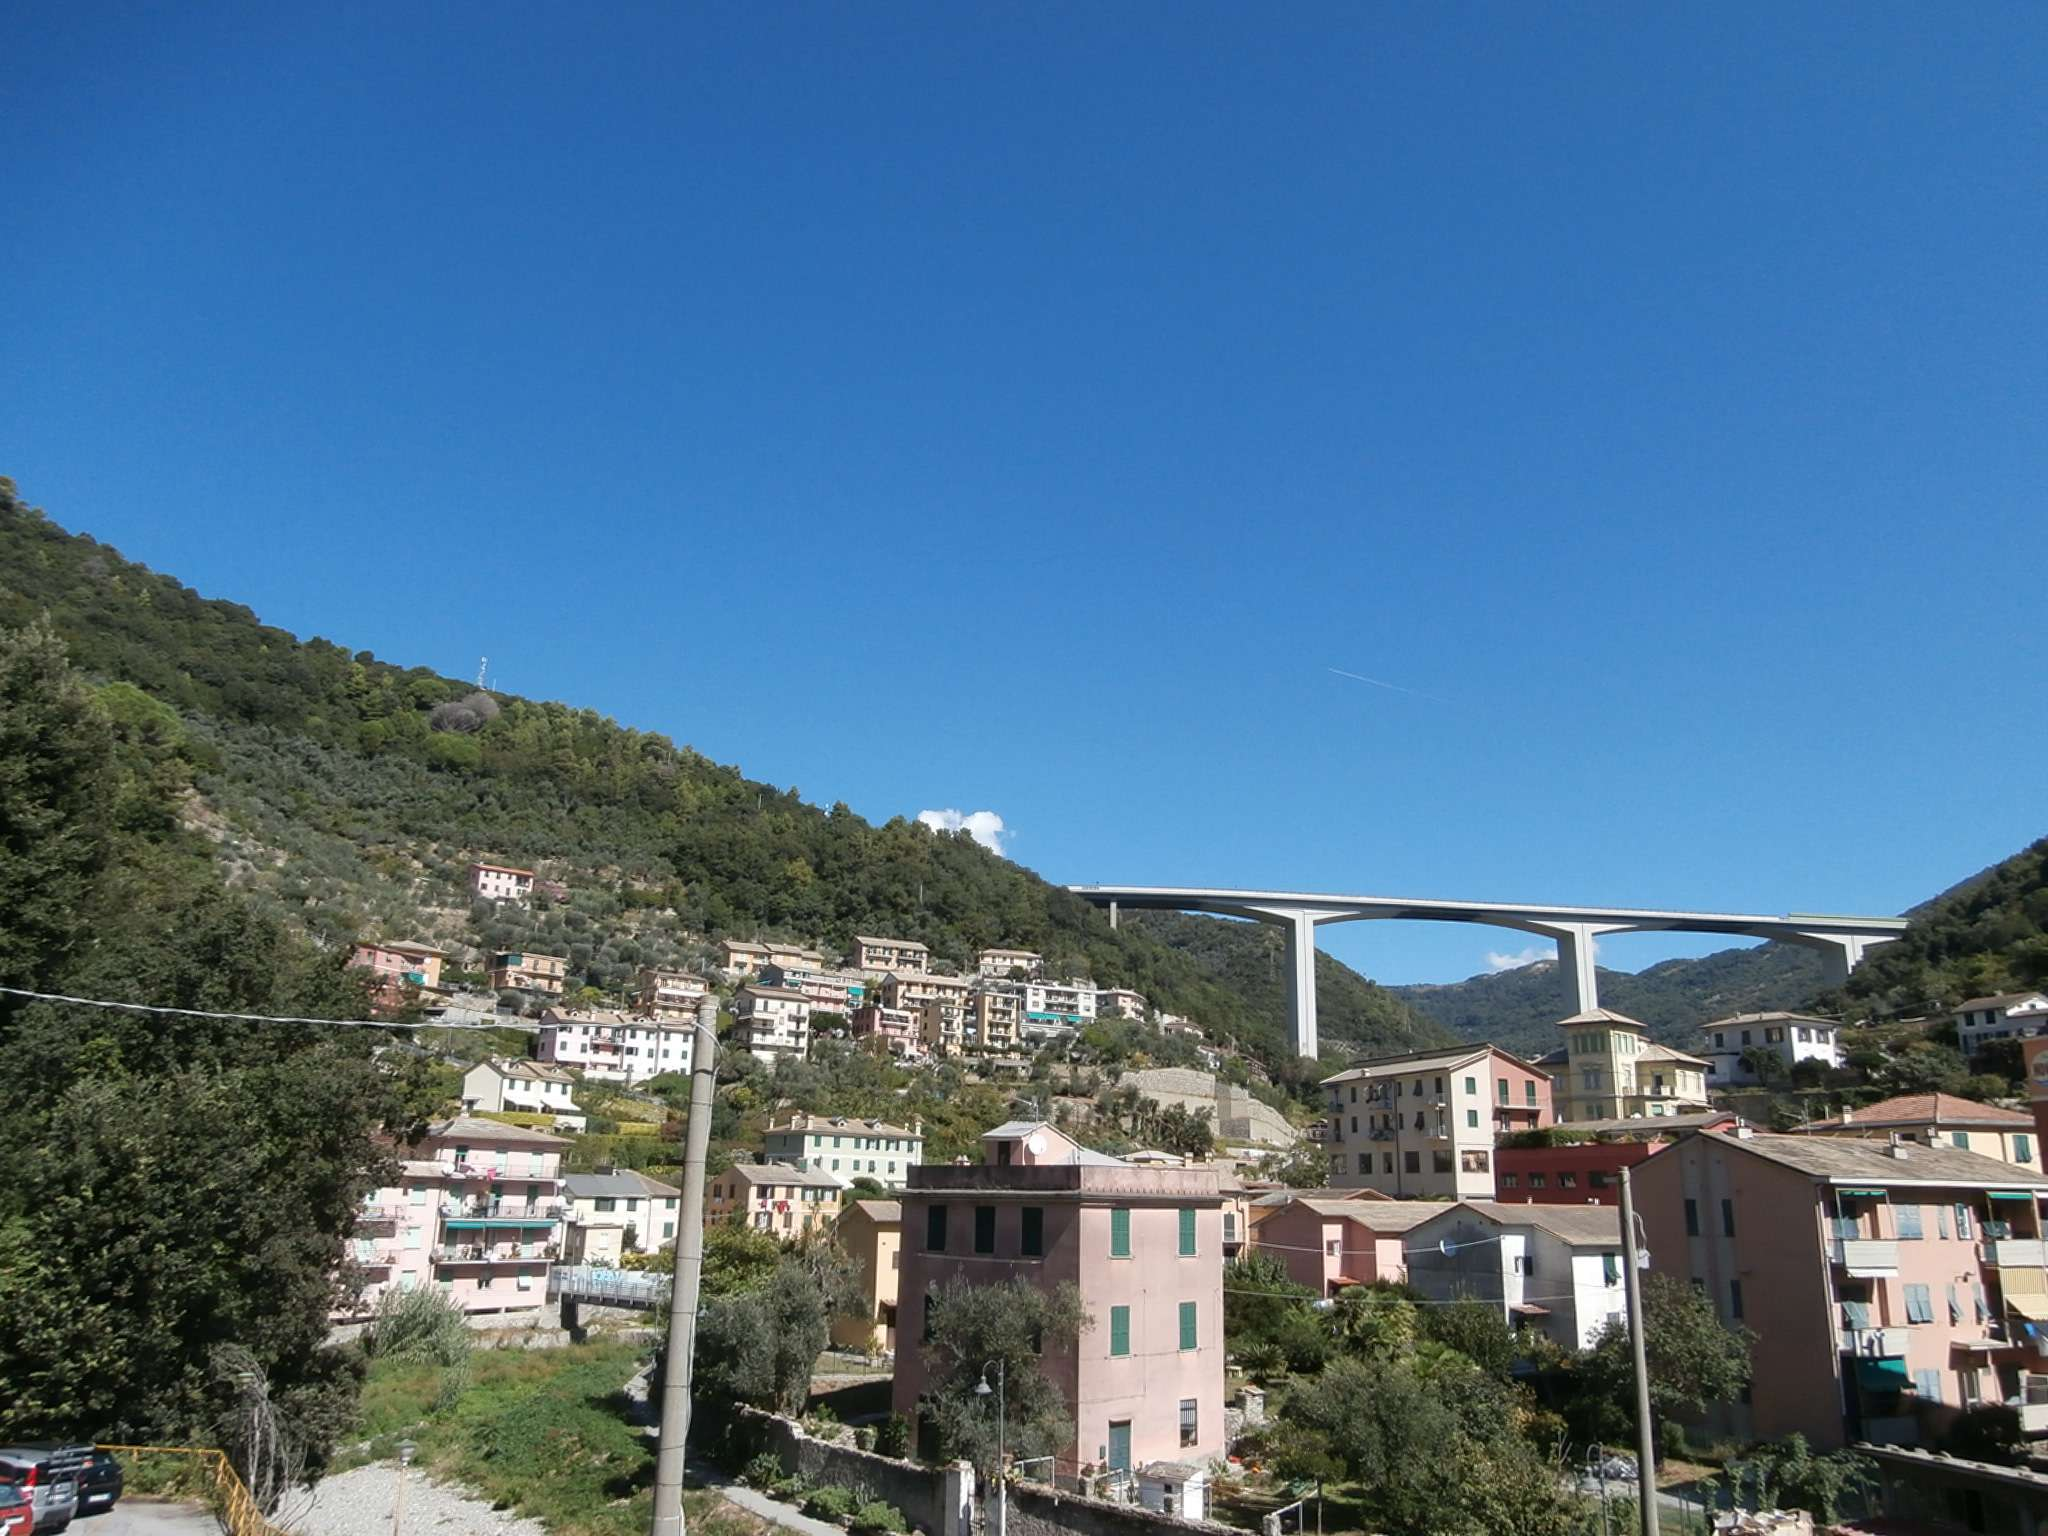 Appartamento in vendita a Sori, 6 locali, prezzo € 175.000   PortaleAgenzieImmobiliari.it